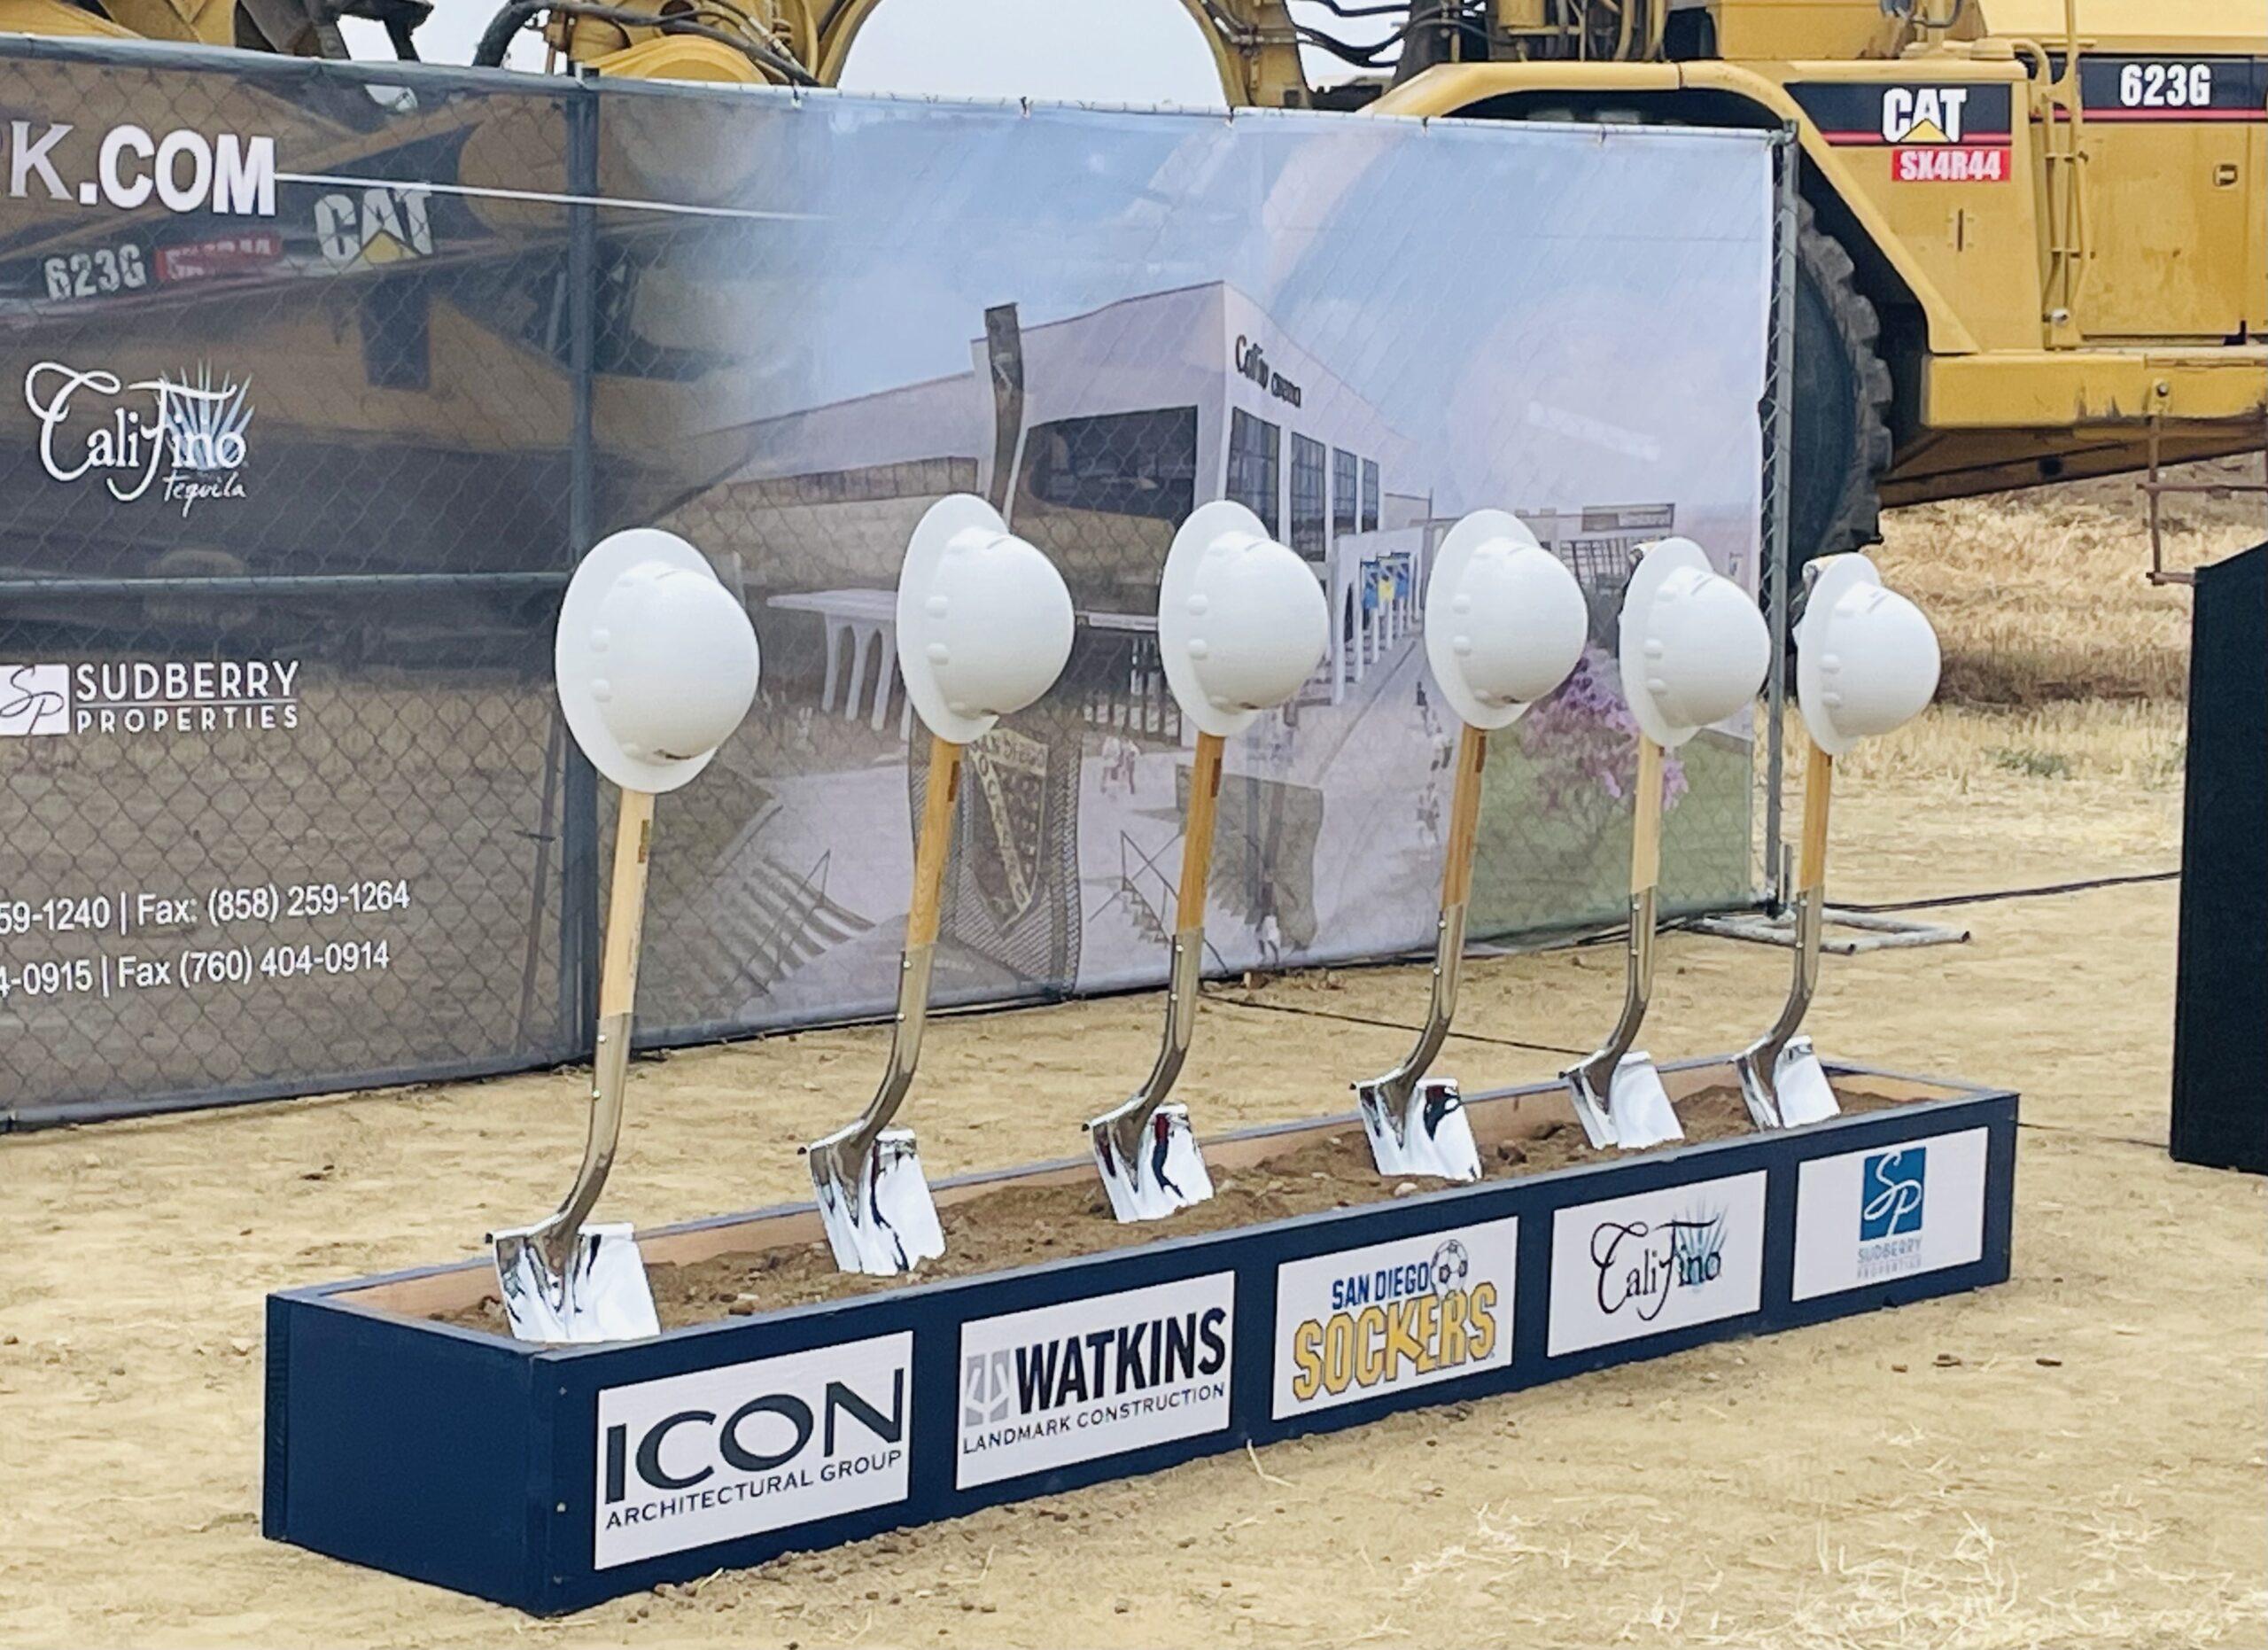 Oceansides New Arena Breaks Ground